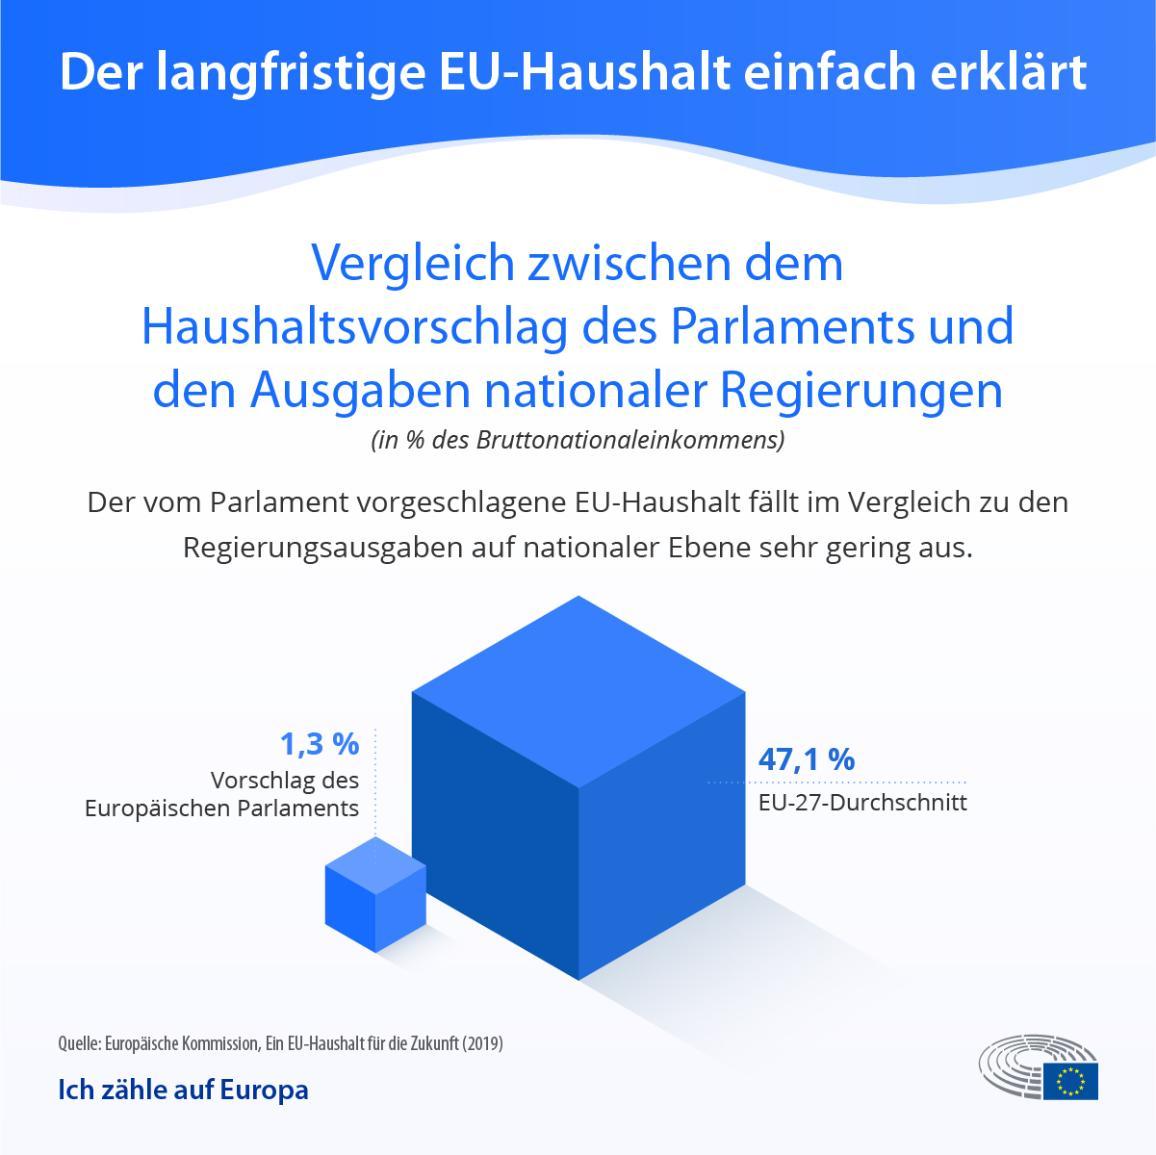 EU-Budgetverhandlungen: Die Infografik vergleicht den Vorschlag des Europäischen Parlaments zum EU-Haushalt mit den Ausgaben der nationalen Regierungen